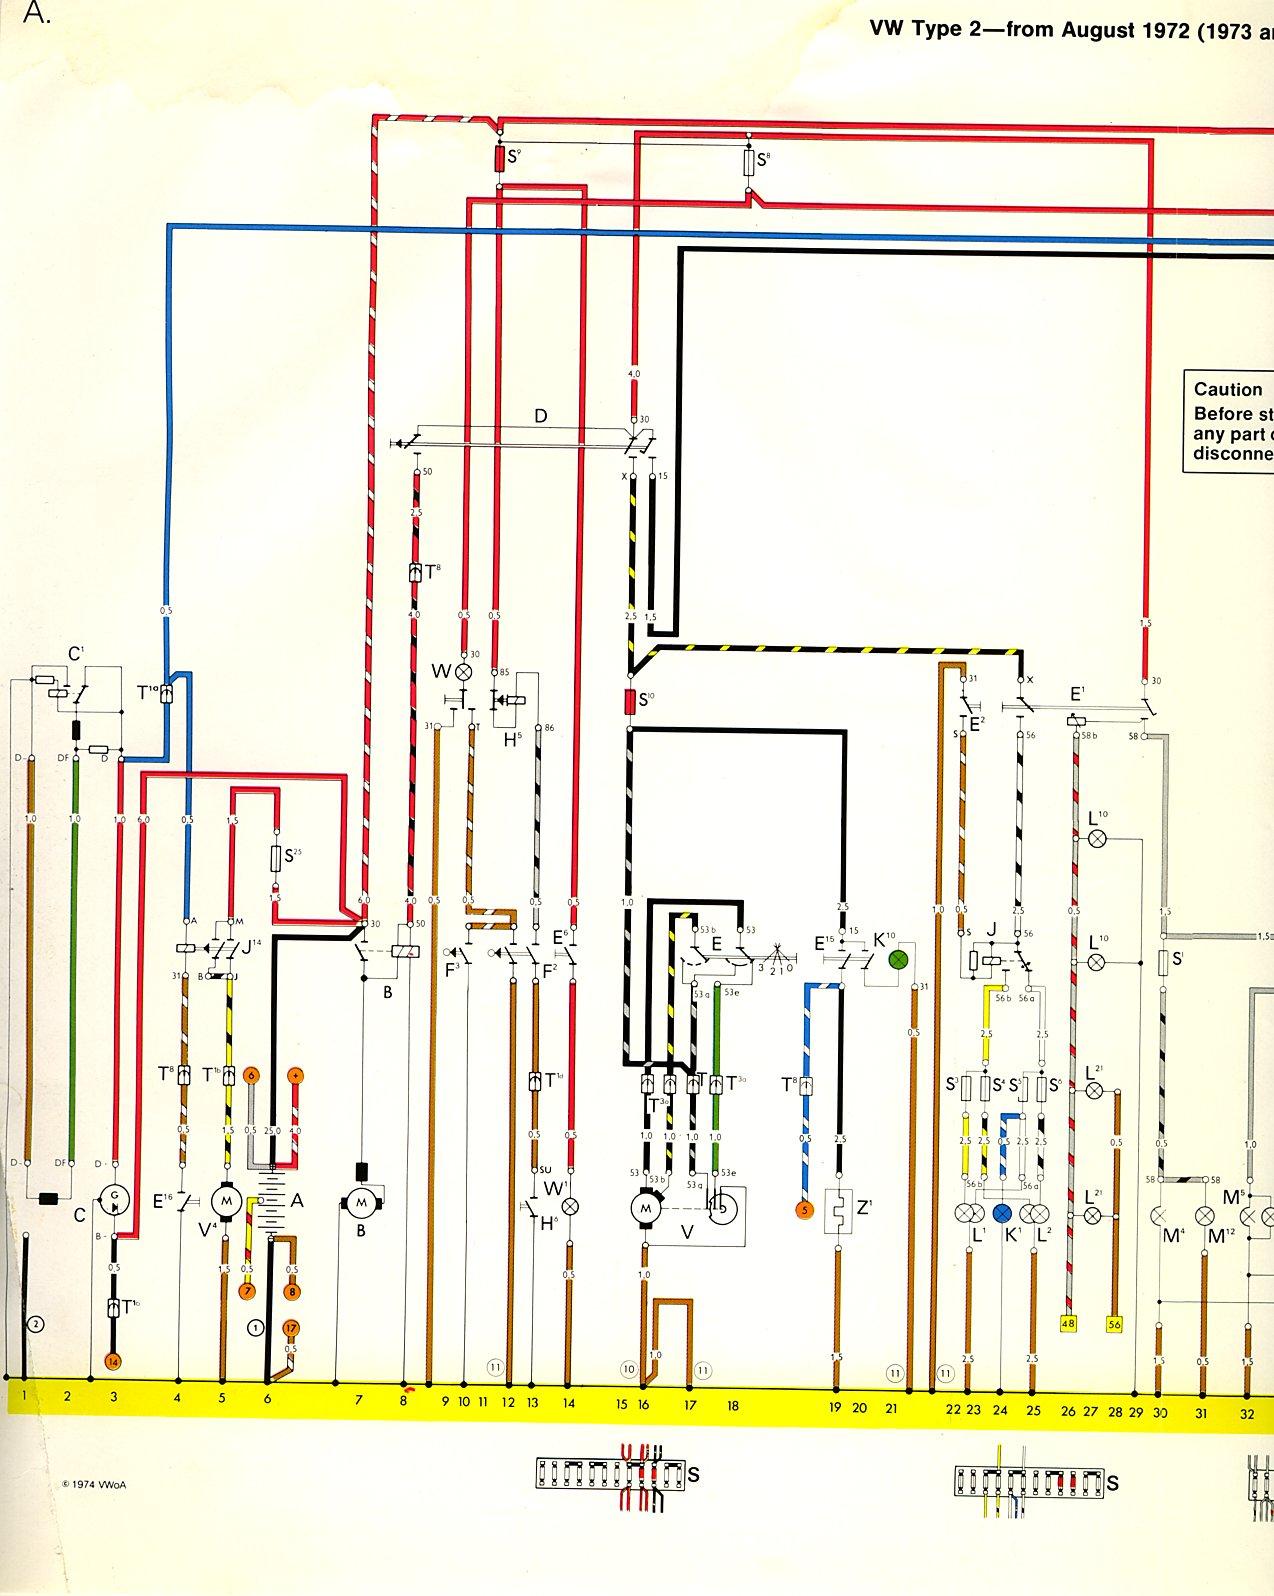 74 vw beetle wiring diagram me 2240  1963 beetle wiring diagram download diagram  me 2240  1963 beetle wiring diagram